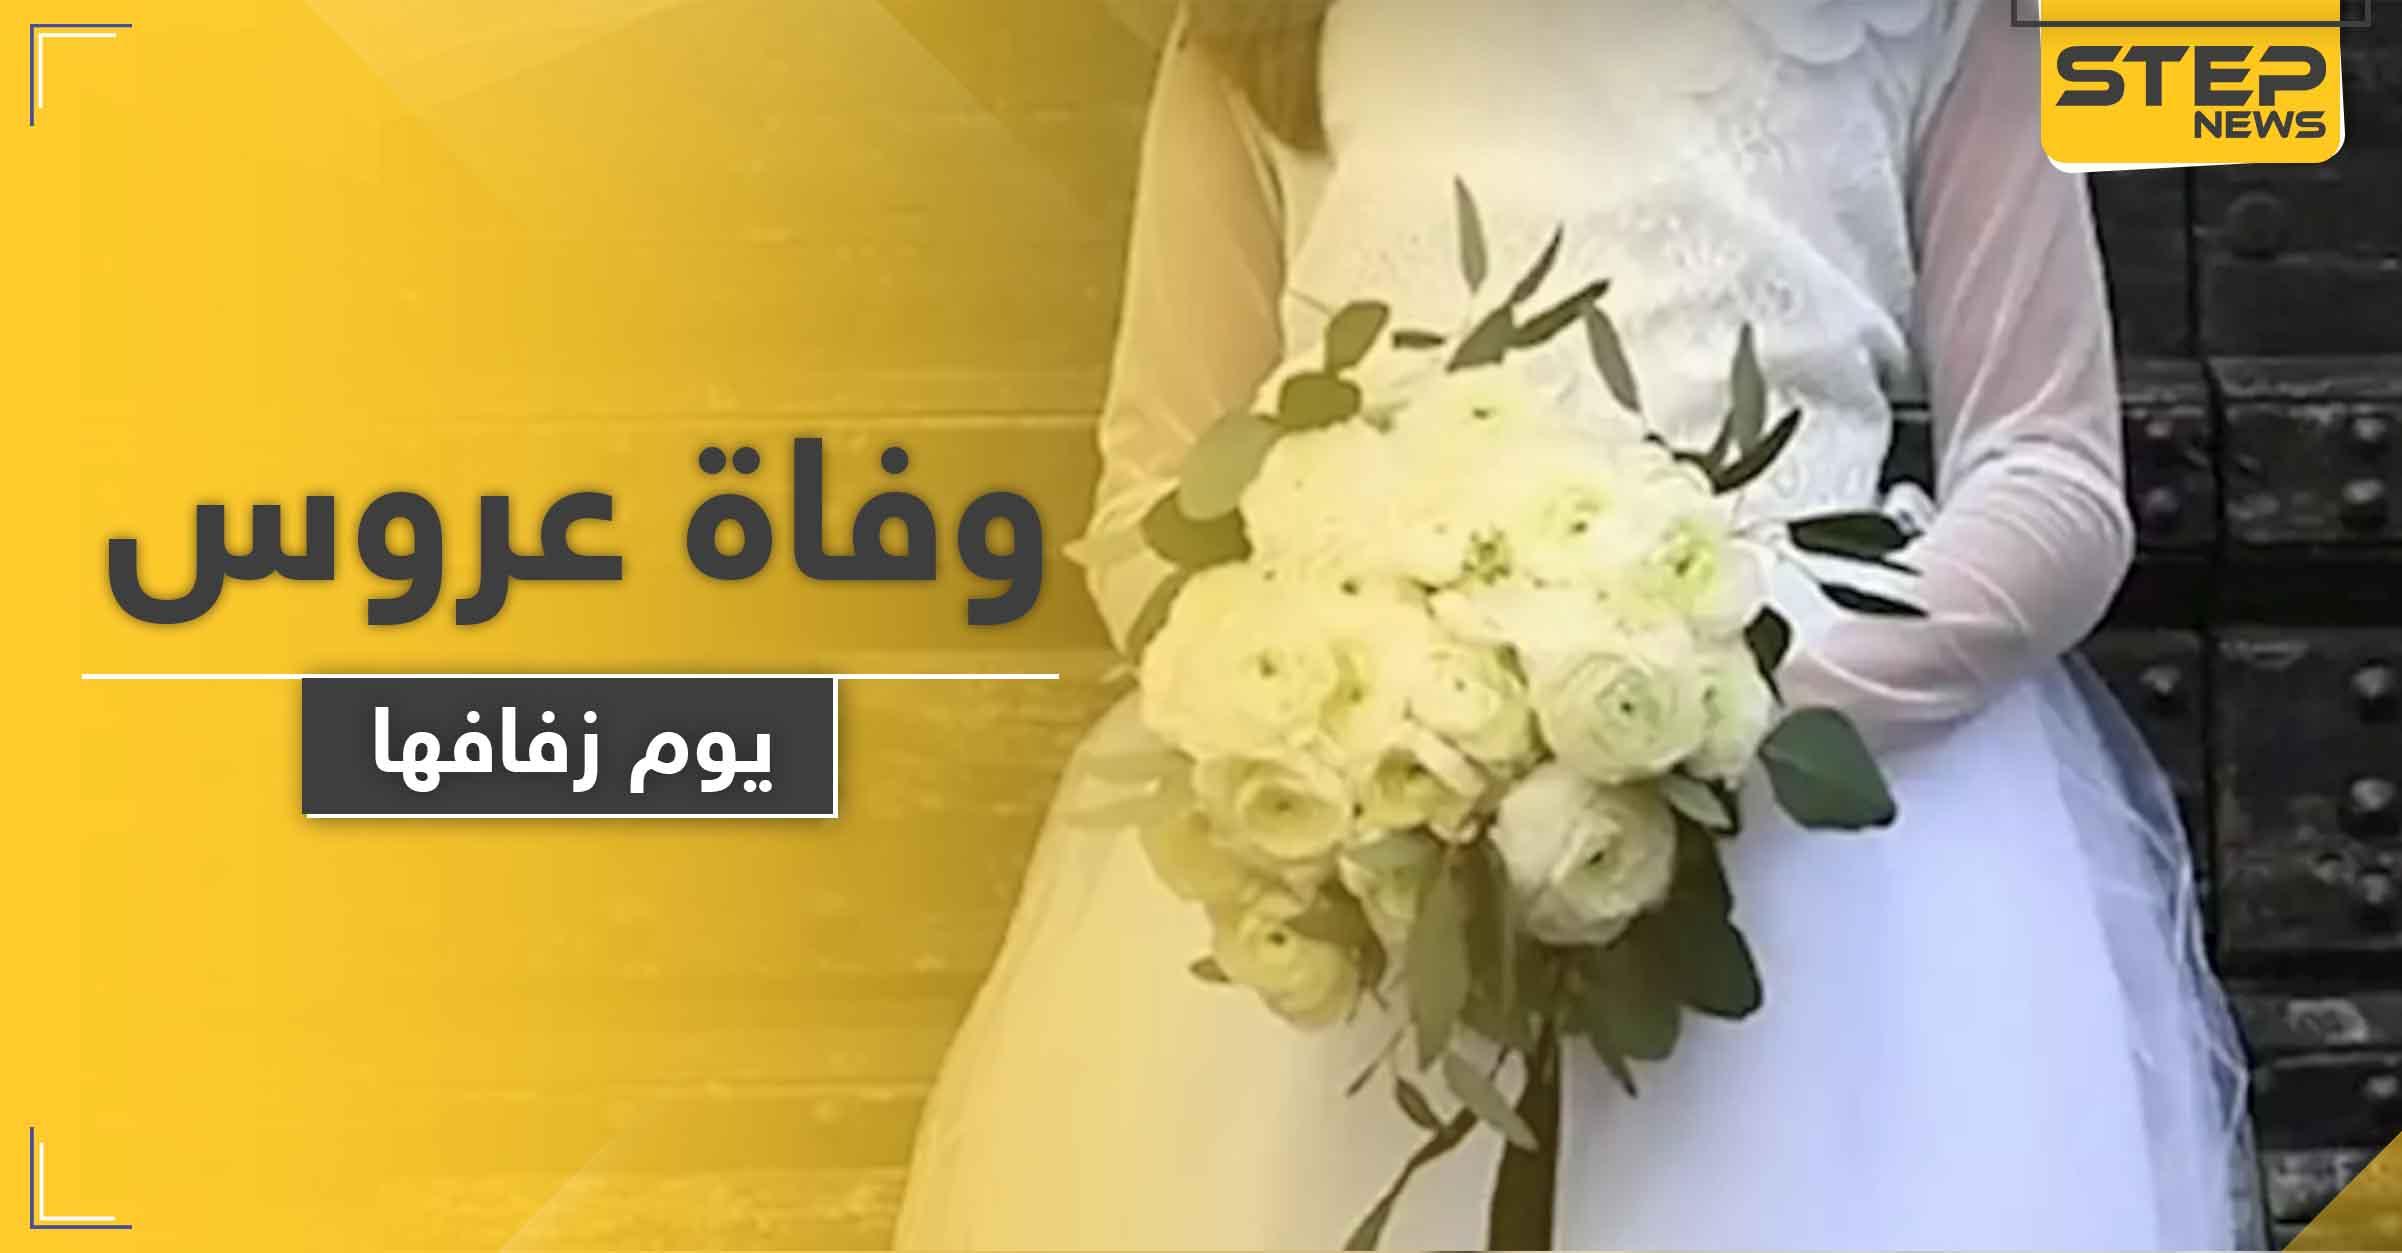 عروس روسية تفارق الحياة يوم زفافها لسبب فاجأ العريس والحضور